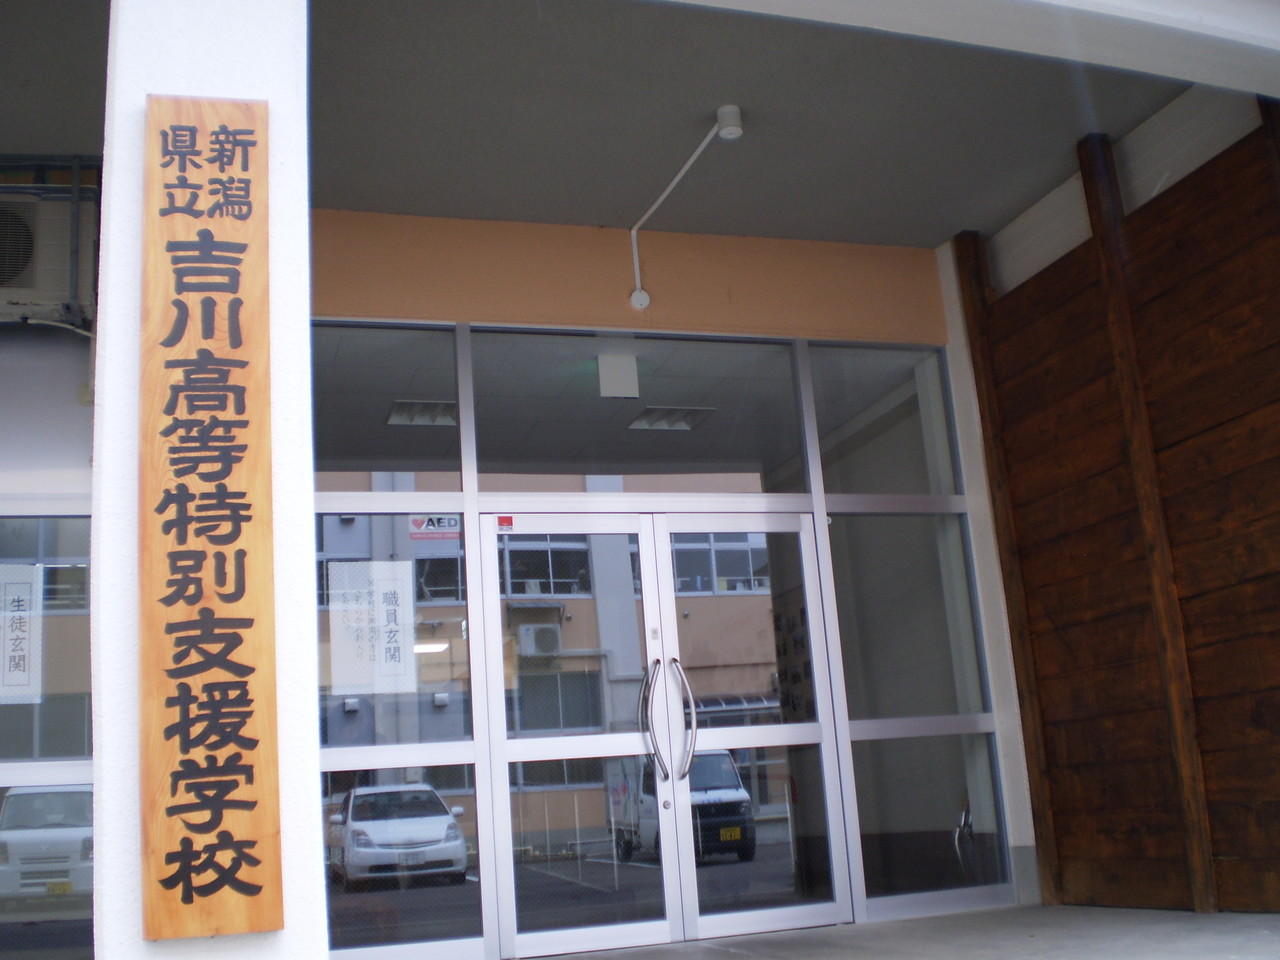 旧吉川高等学校を活用し、昨年4月に開校しました